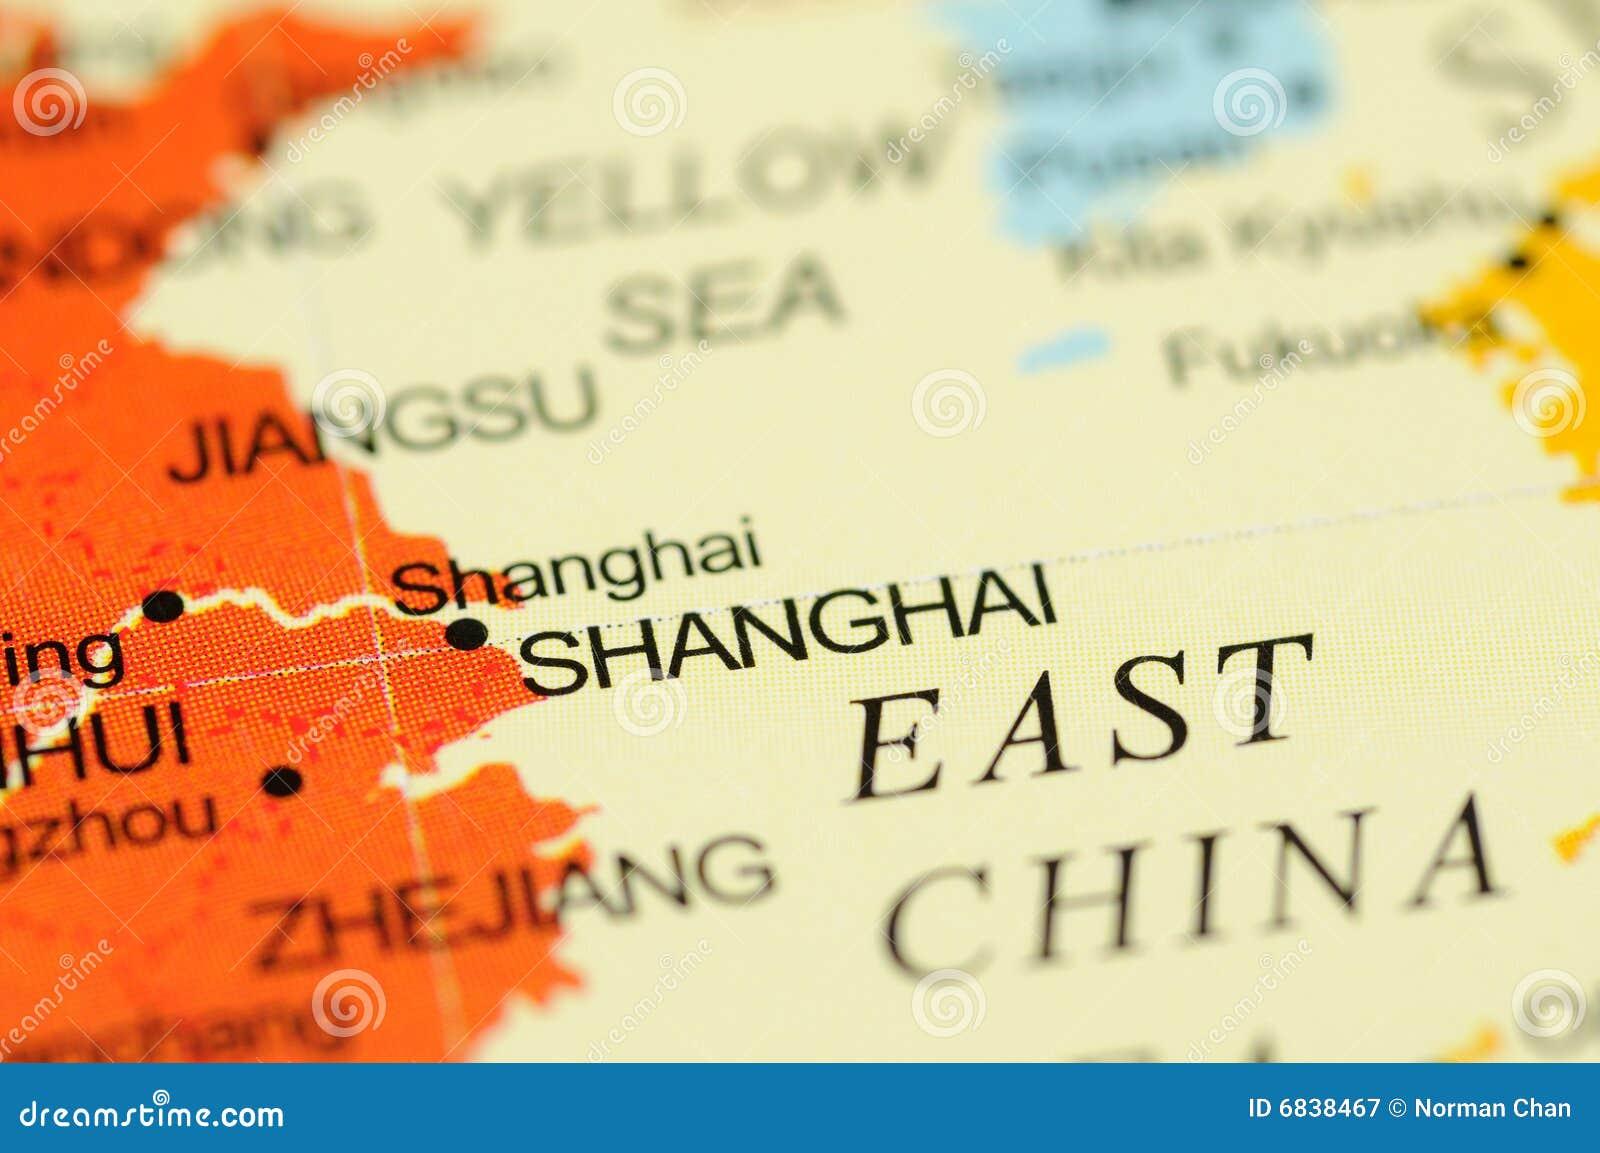 Shanghai on map stock image. Image of world, asia, city ... on xinjiang china map, guangdong china map, dalian china map, manchuria map, seoul map, yantai china map, shanghai on map, jakarta map, xingang china map, japan map, china city map, delhi india map, east china map, wuxi china map, east asia map, nanning china map, nanchang china map, nanjing china map, calcutta map, jiangsu province china map,